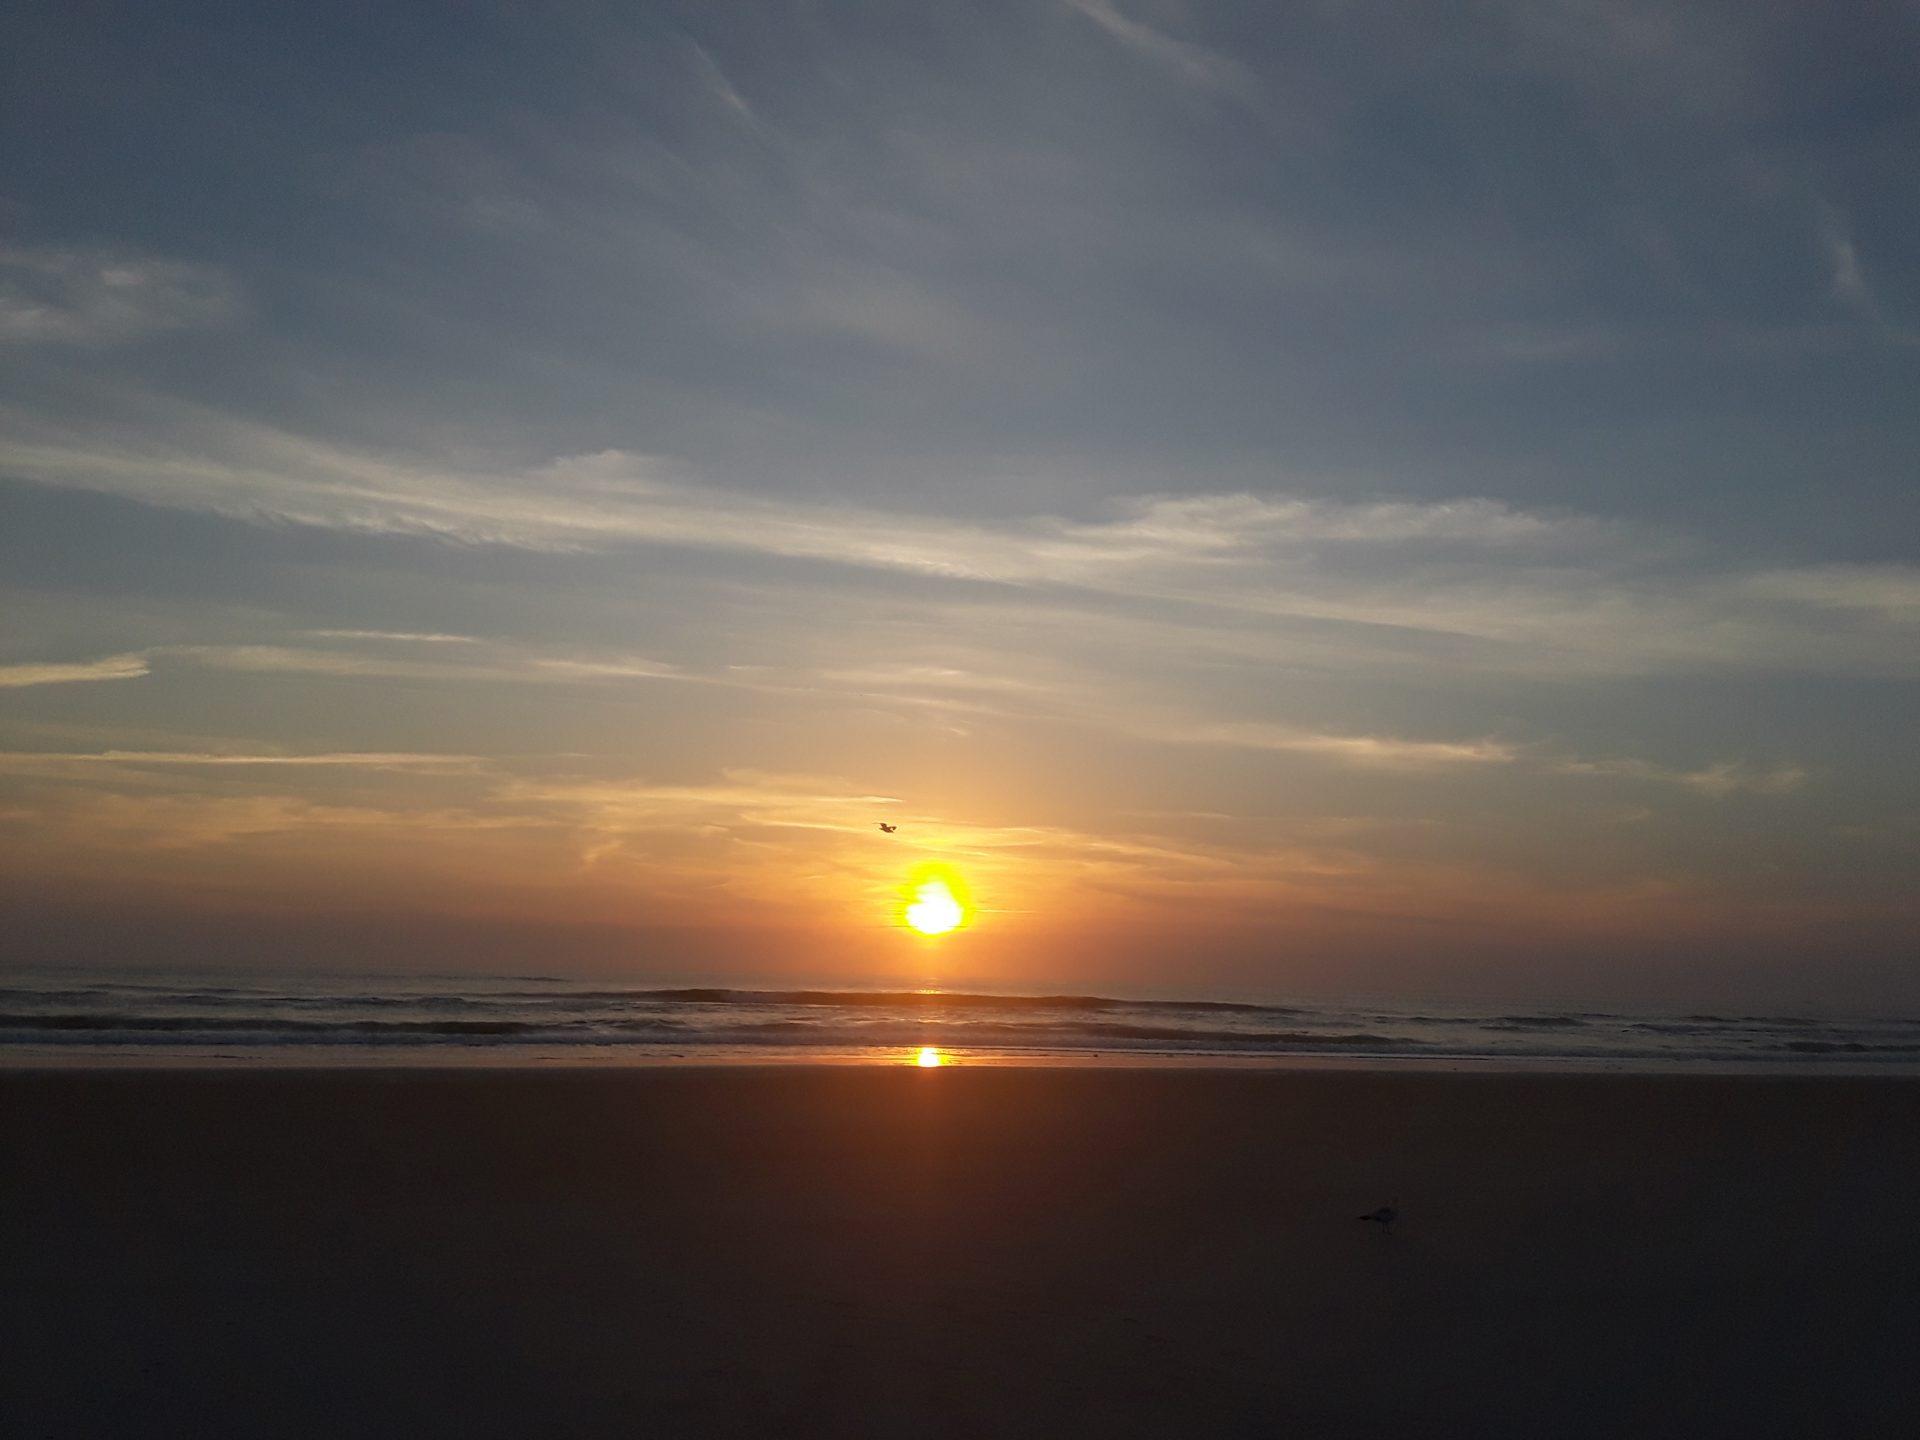 You're morning sunrise !